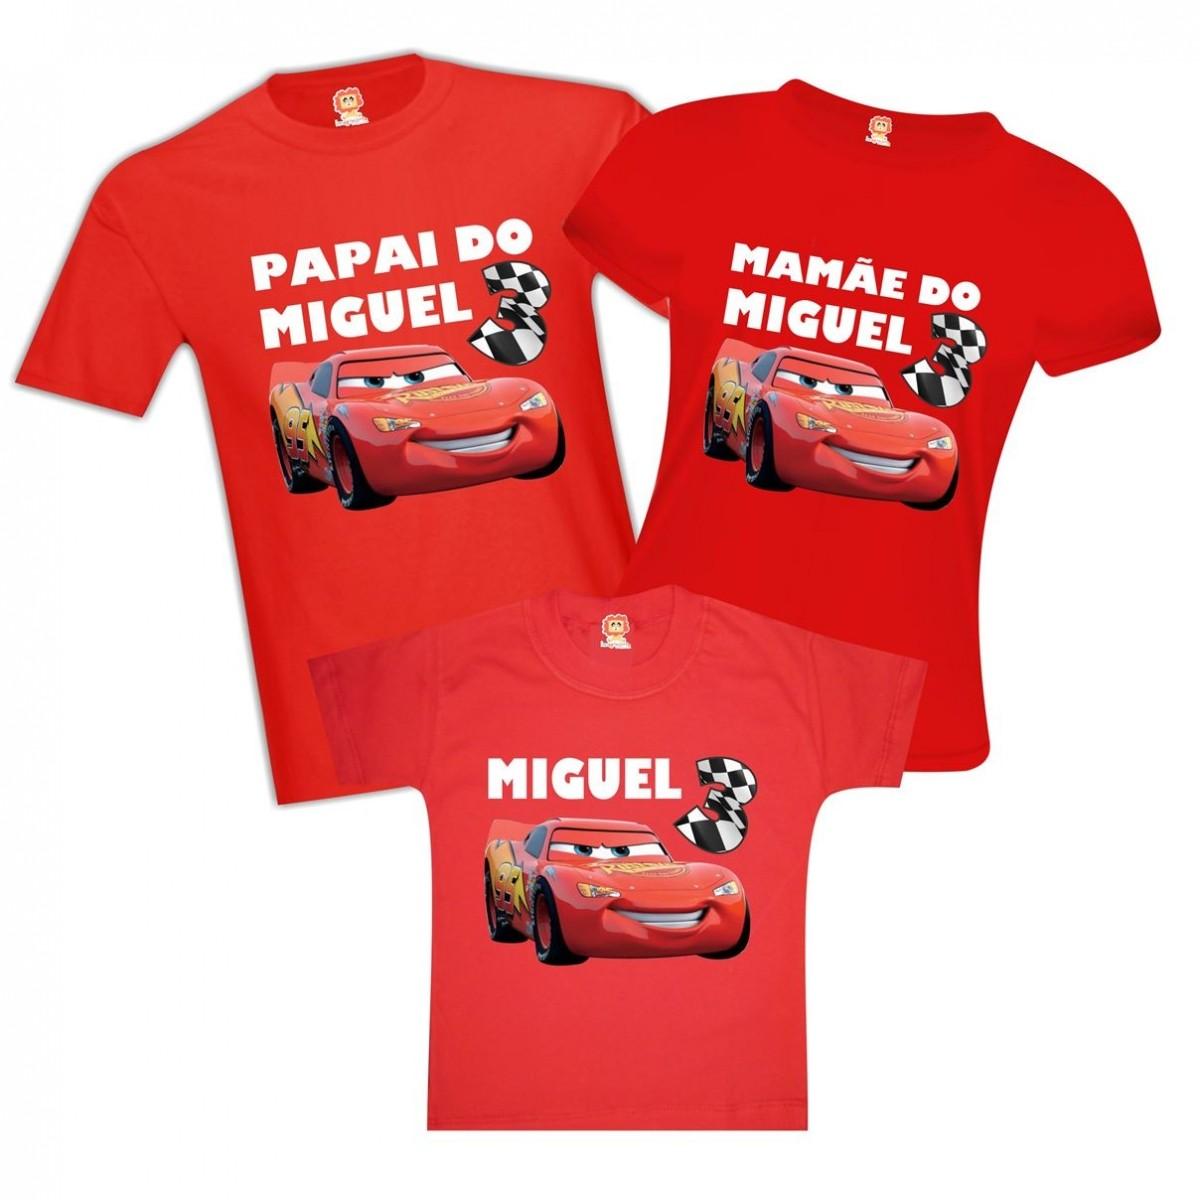 Camisetas de Aniversário Carros Disney - Relâmpago Mcqueen